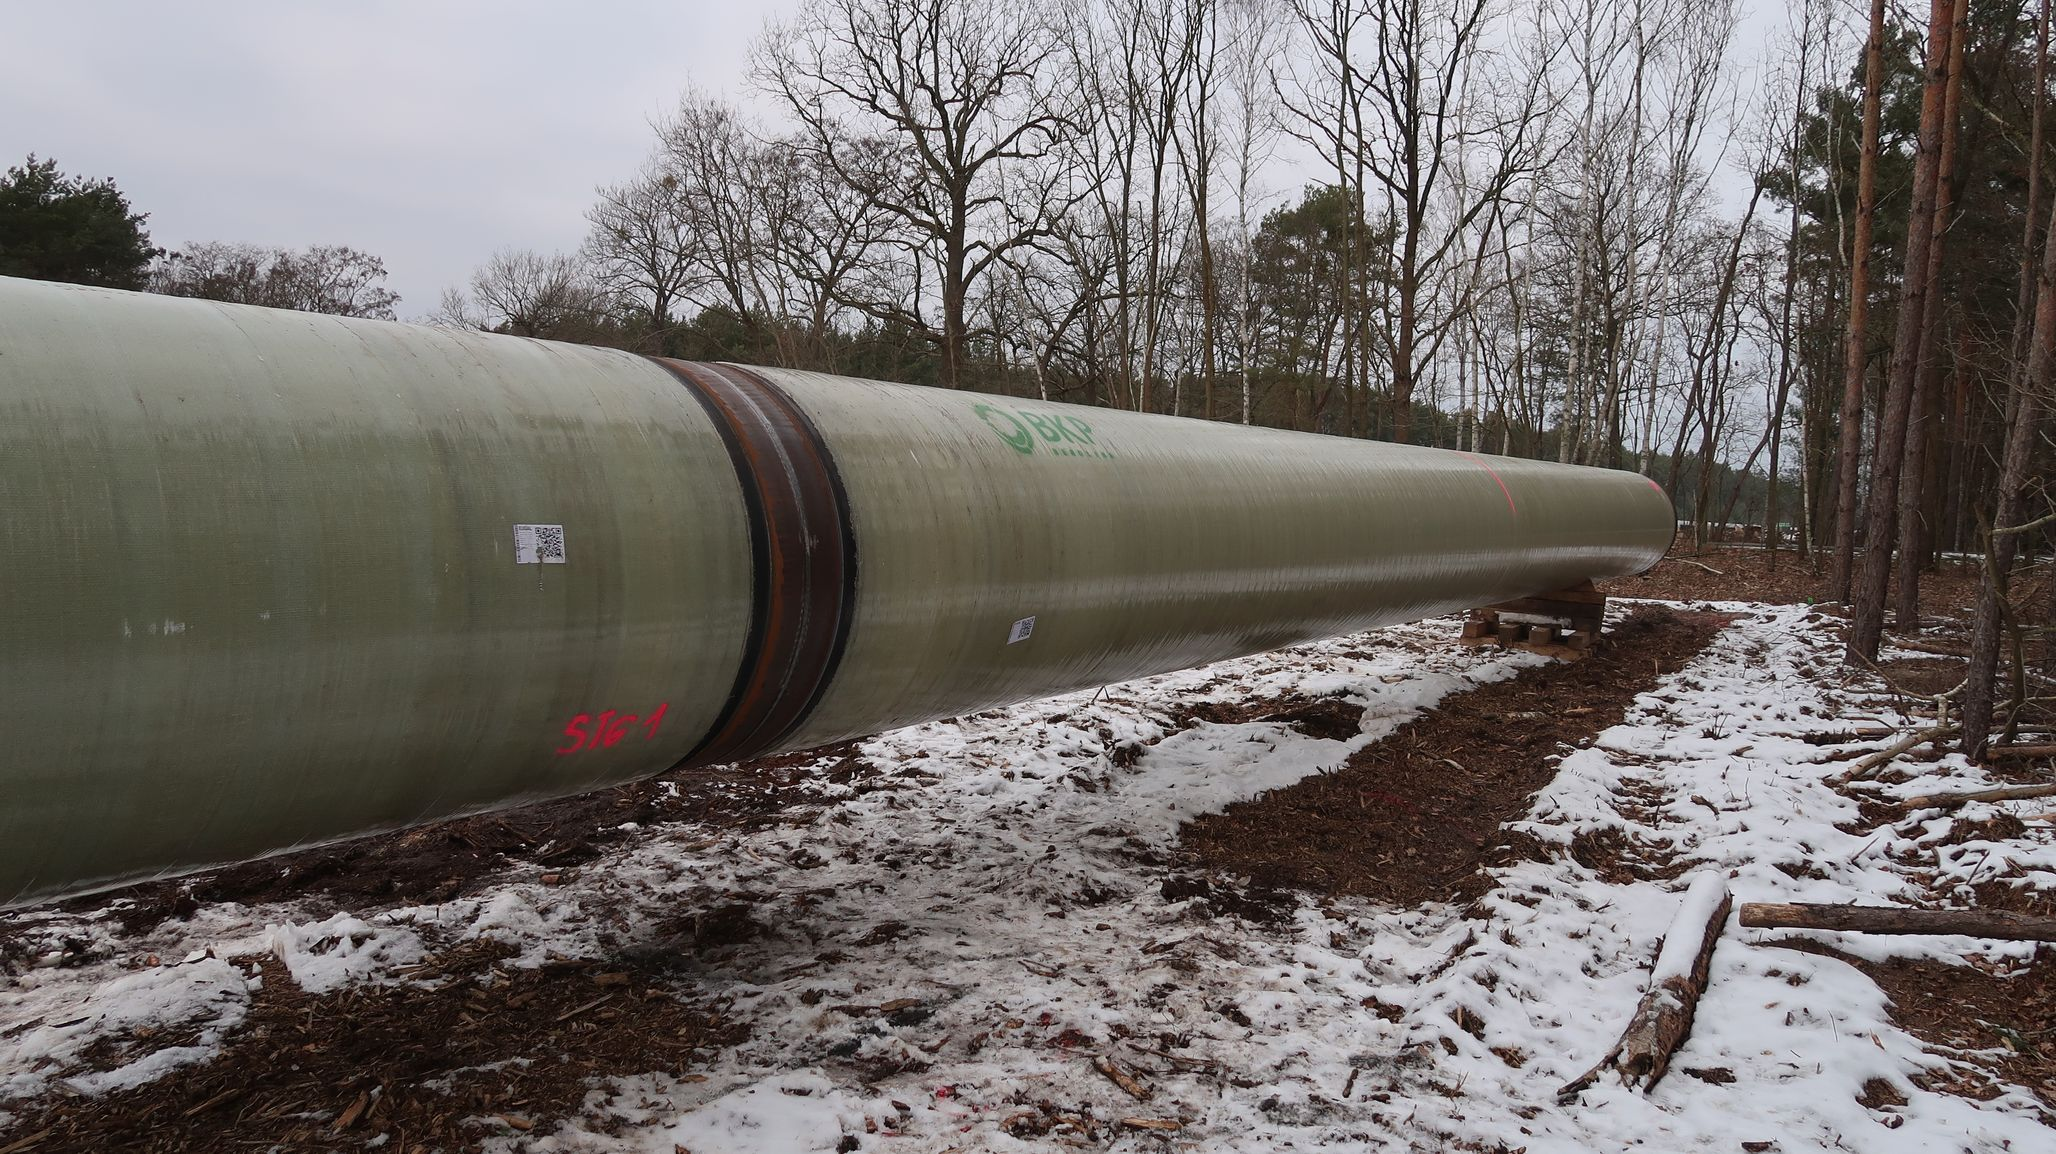 Bau der EUGAL-Ferngasleitung in Brandenburg im vollen Gange 4